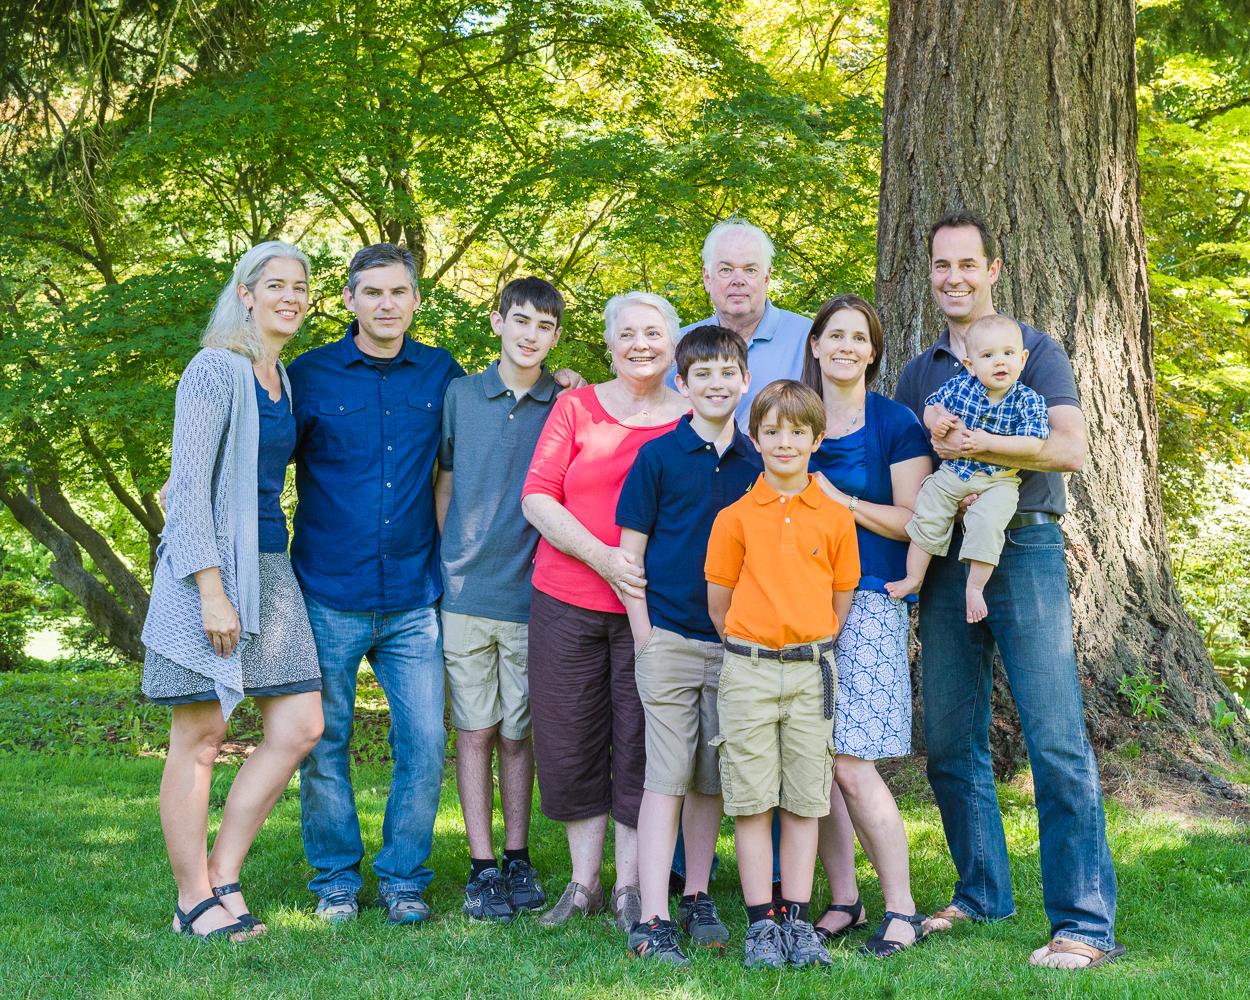 familyphotographerinseattle